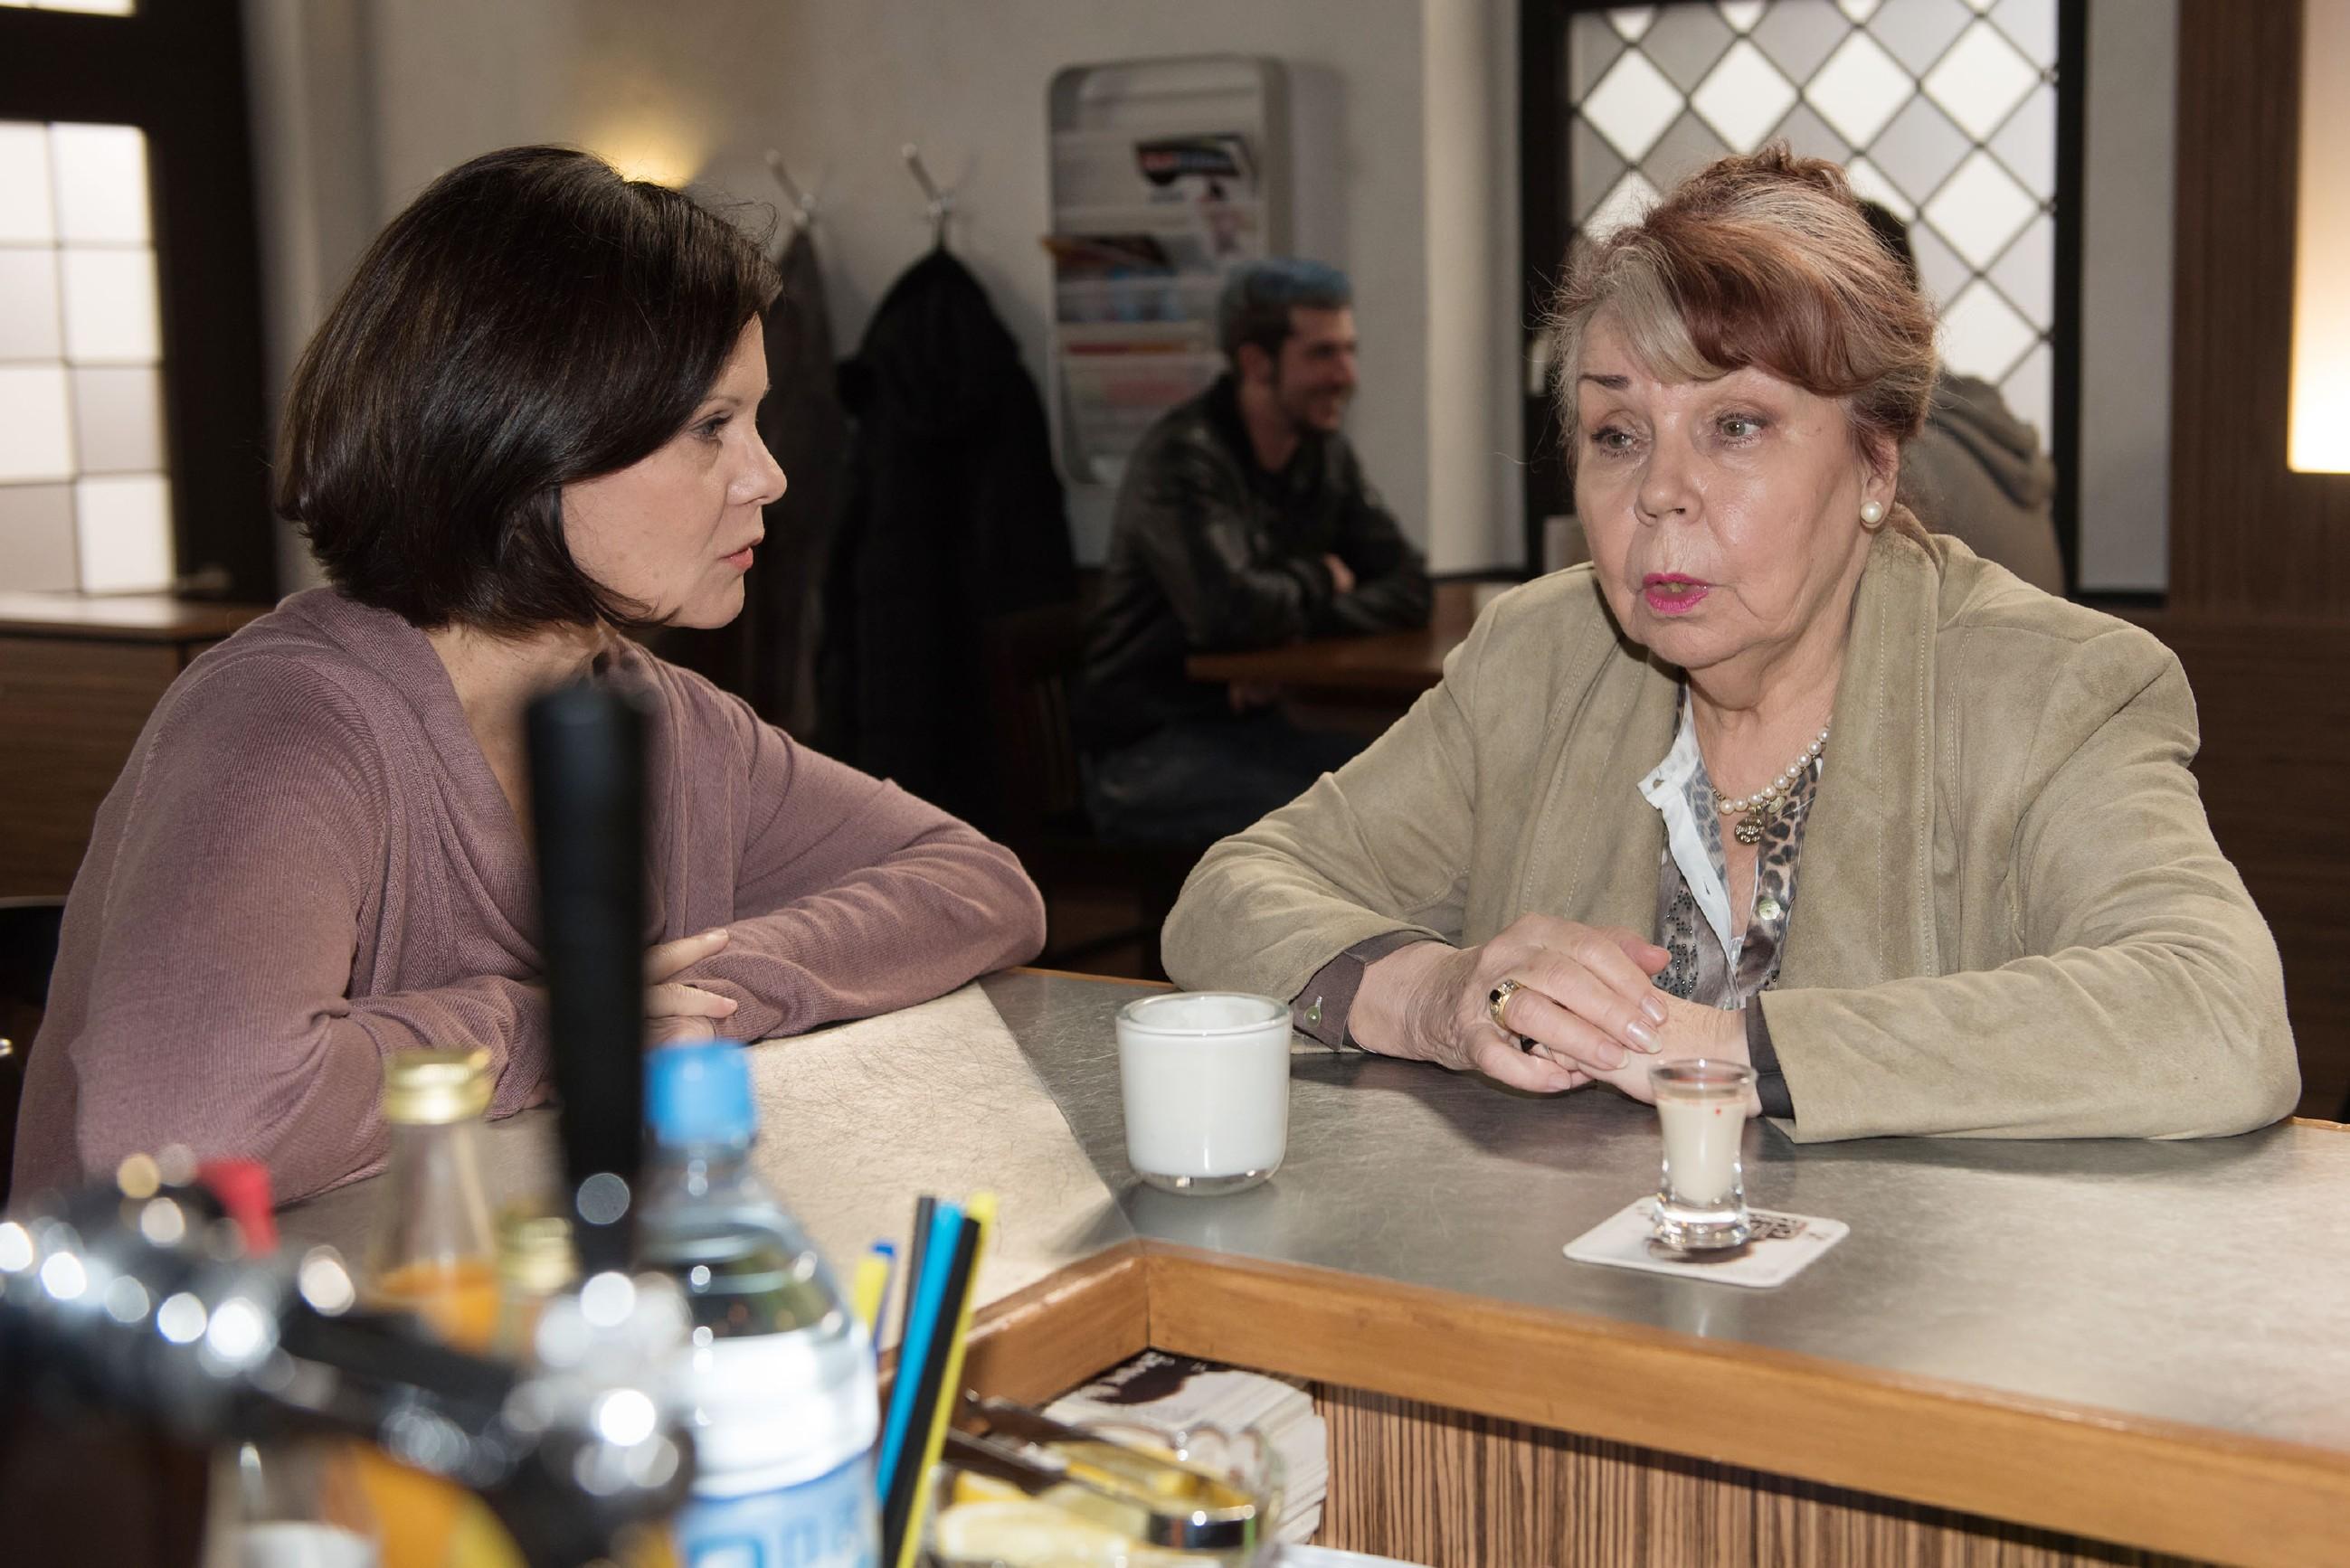 Irene (Petra Blossey, l.) erfährt endlich den wahren Grund für Roswithas (Andrea Brix) ausgedehnten Köln-Aufenthalt... (Quelle: RTL / Stefan Behrens)